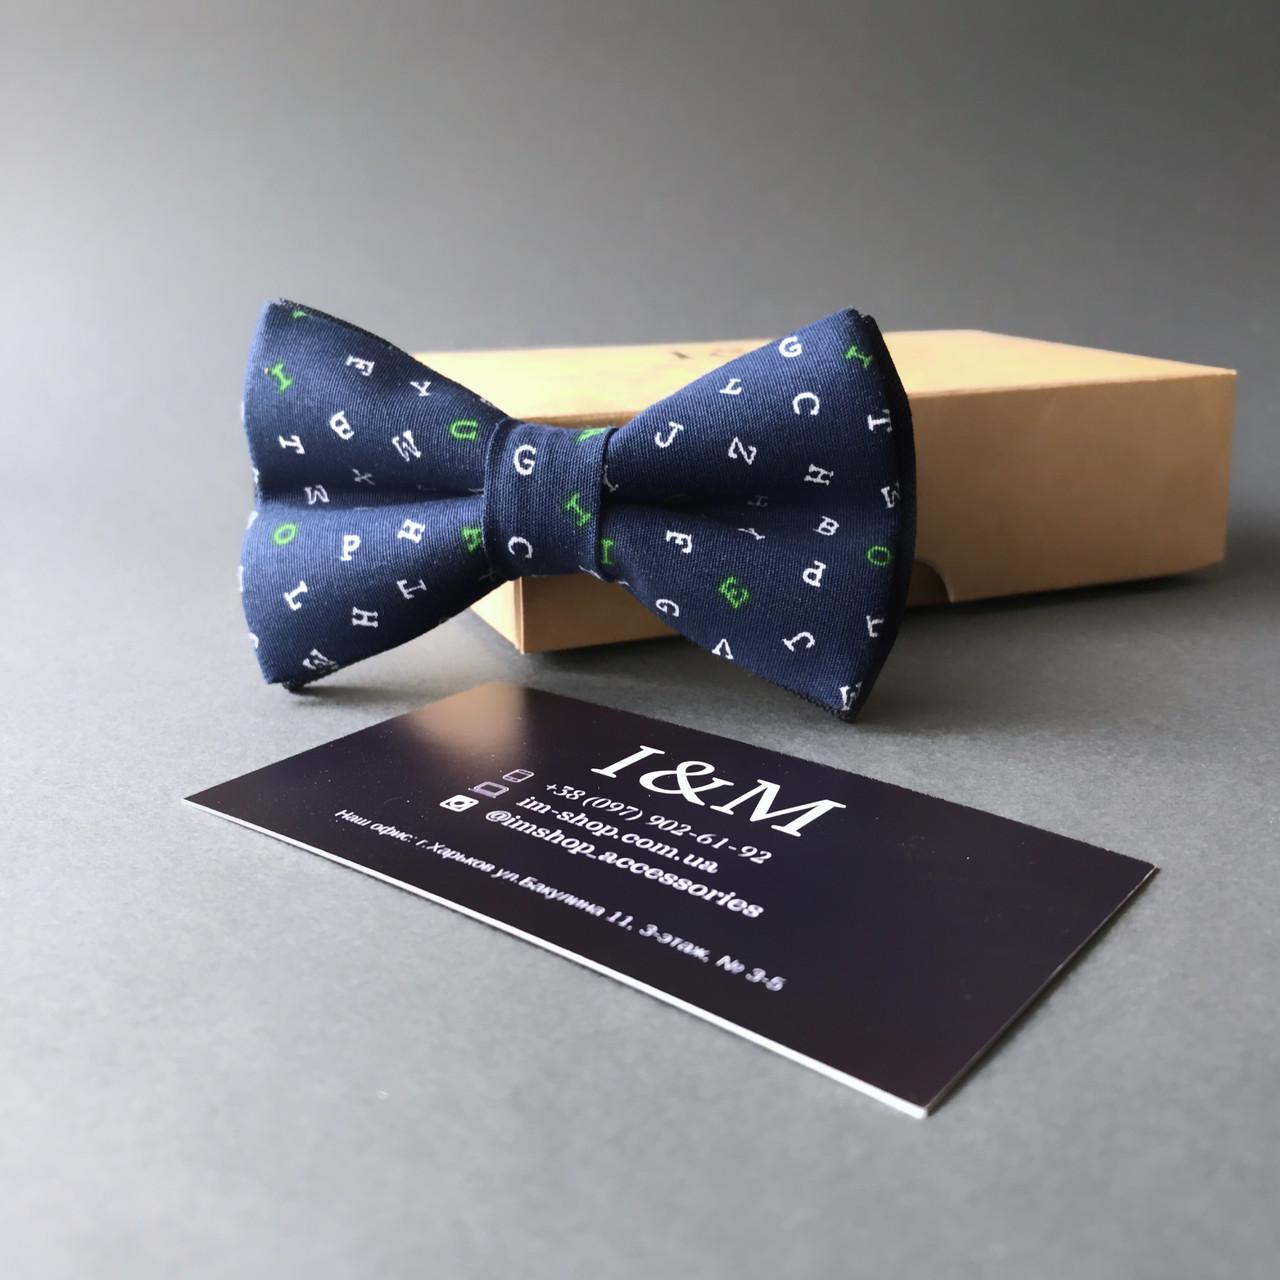 Краватка-метелик I&M Craft дитячий темно-синій з буквами (00084k)